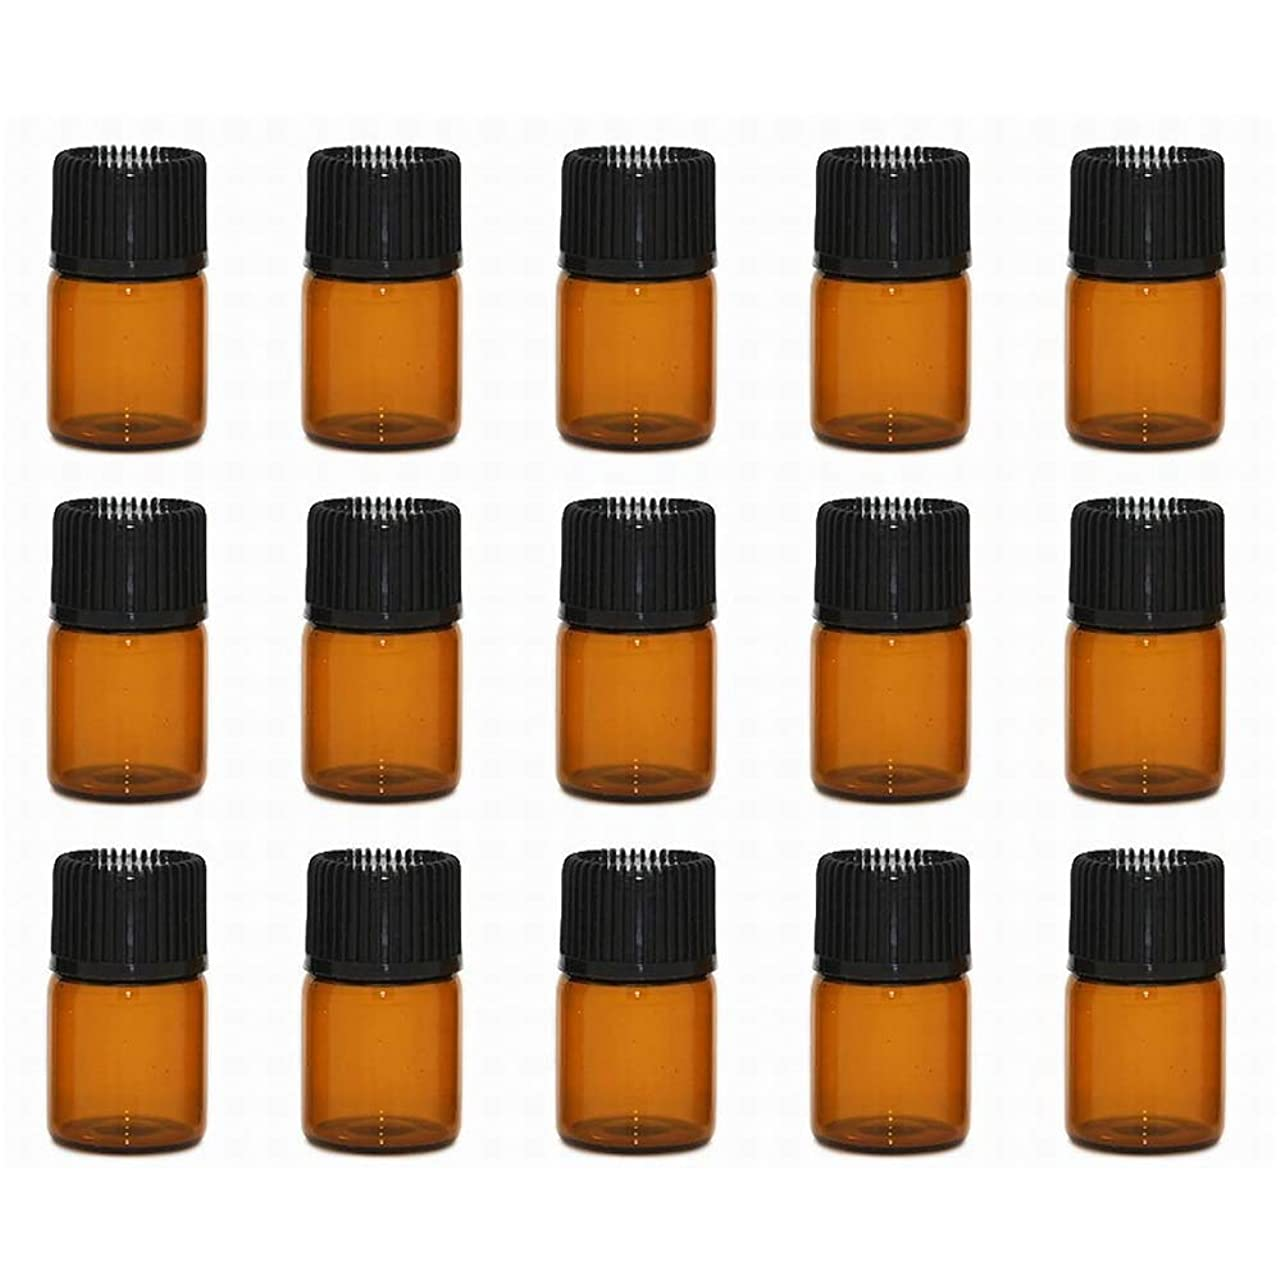 絶望右トラクターアロマオイル 精油 小分け用 遮光瓶 セット (1ml 20本 セット)